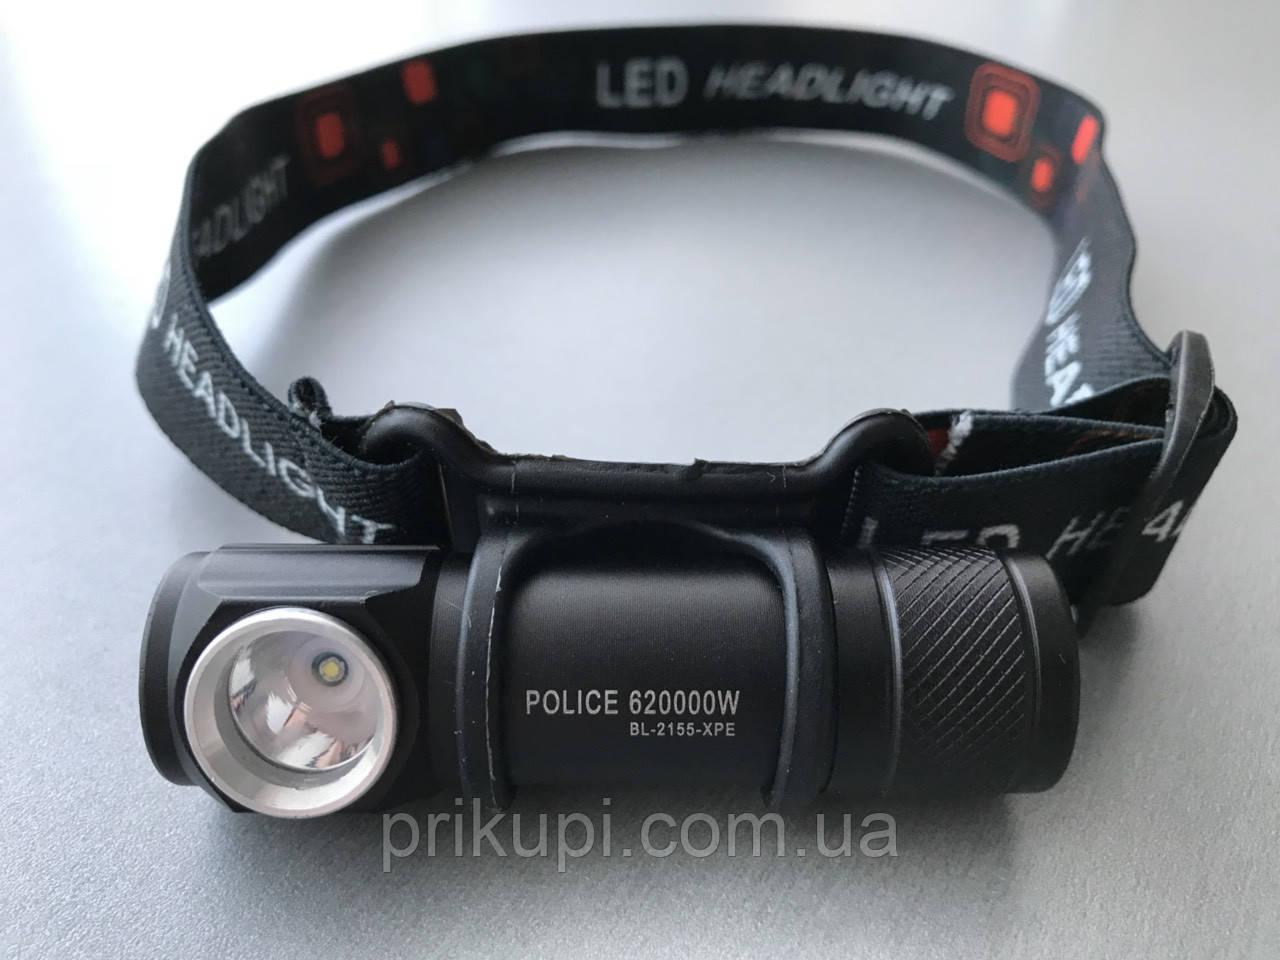 Фонарик с магнитом Police BL-2155-XPE USB зарядка, аккум